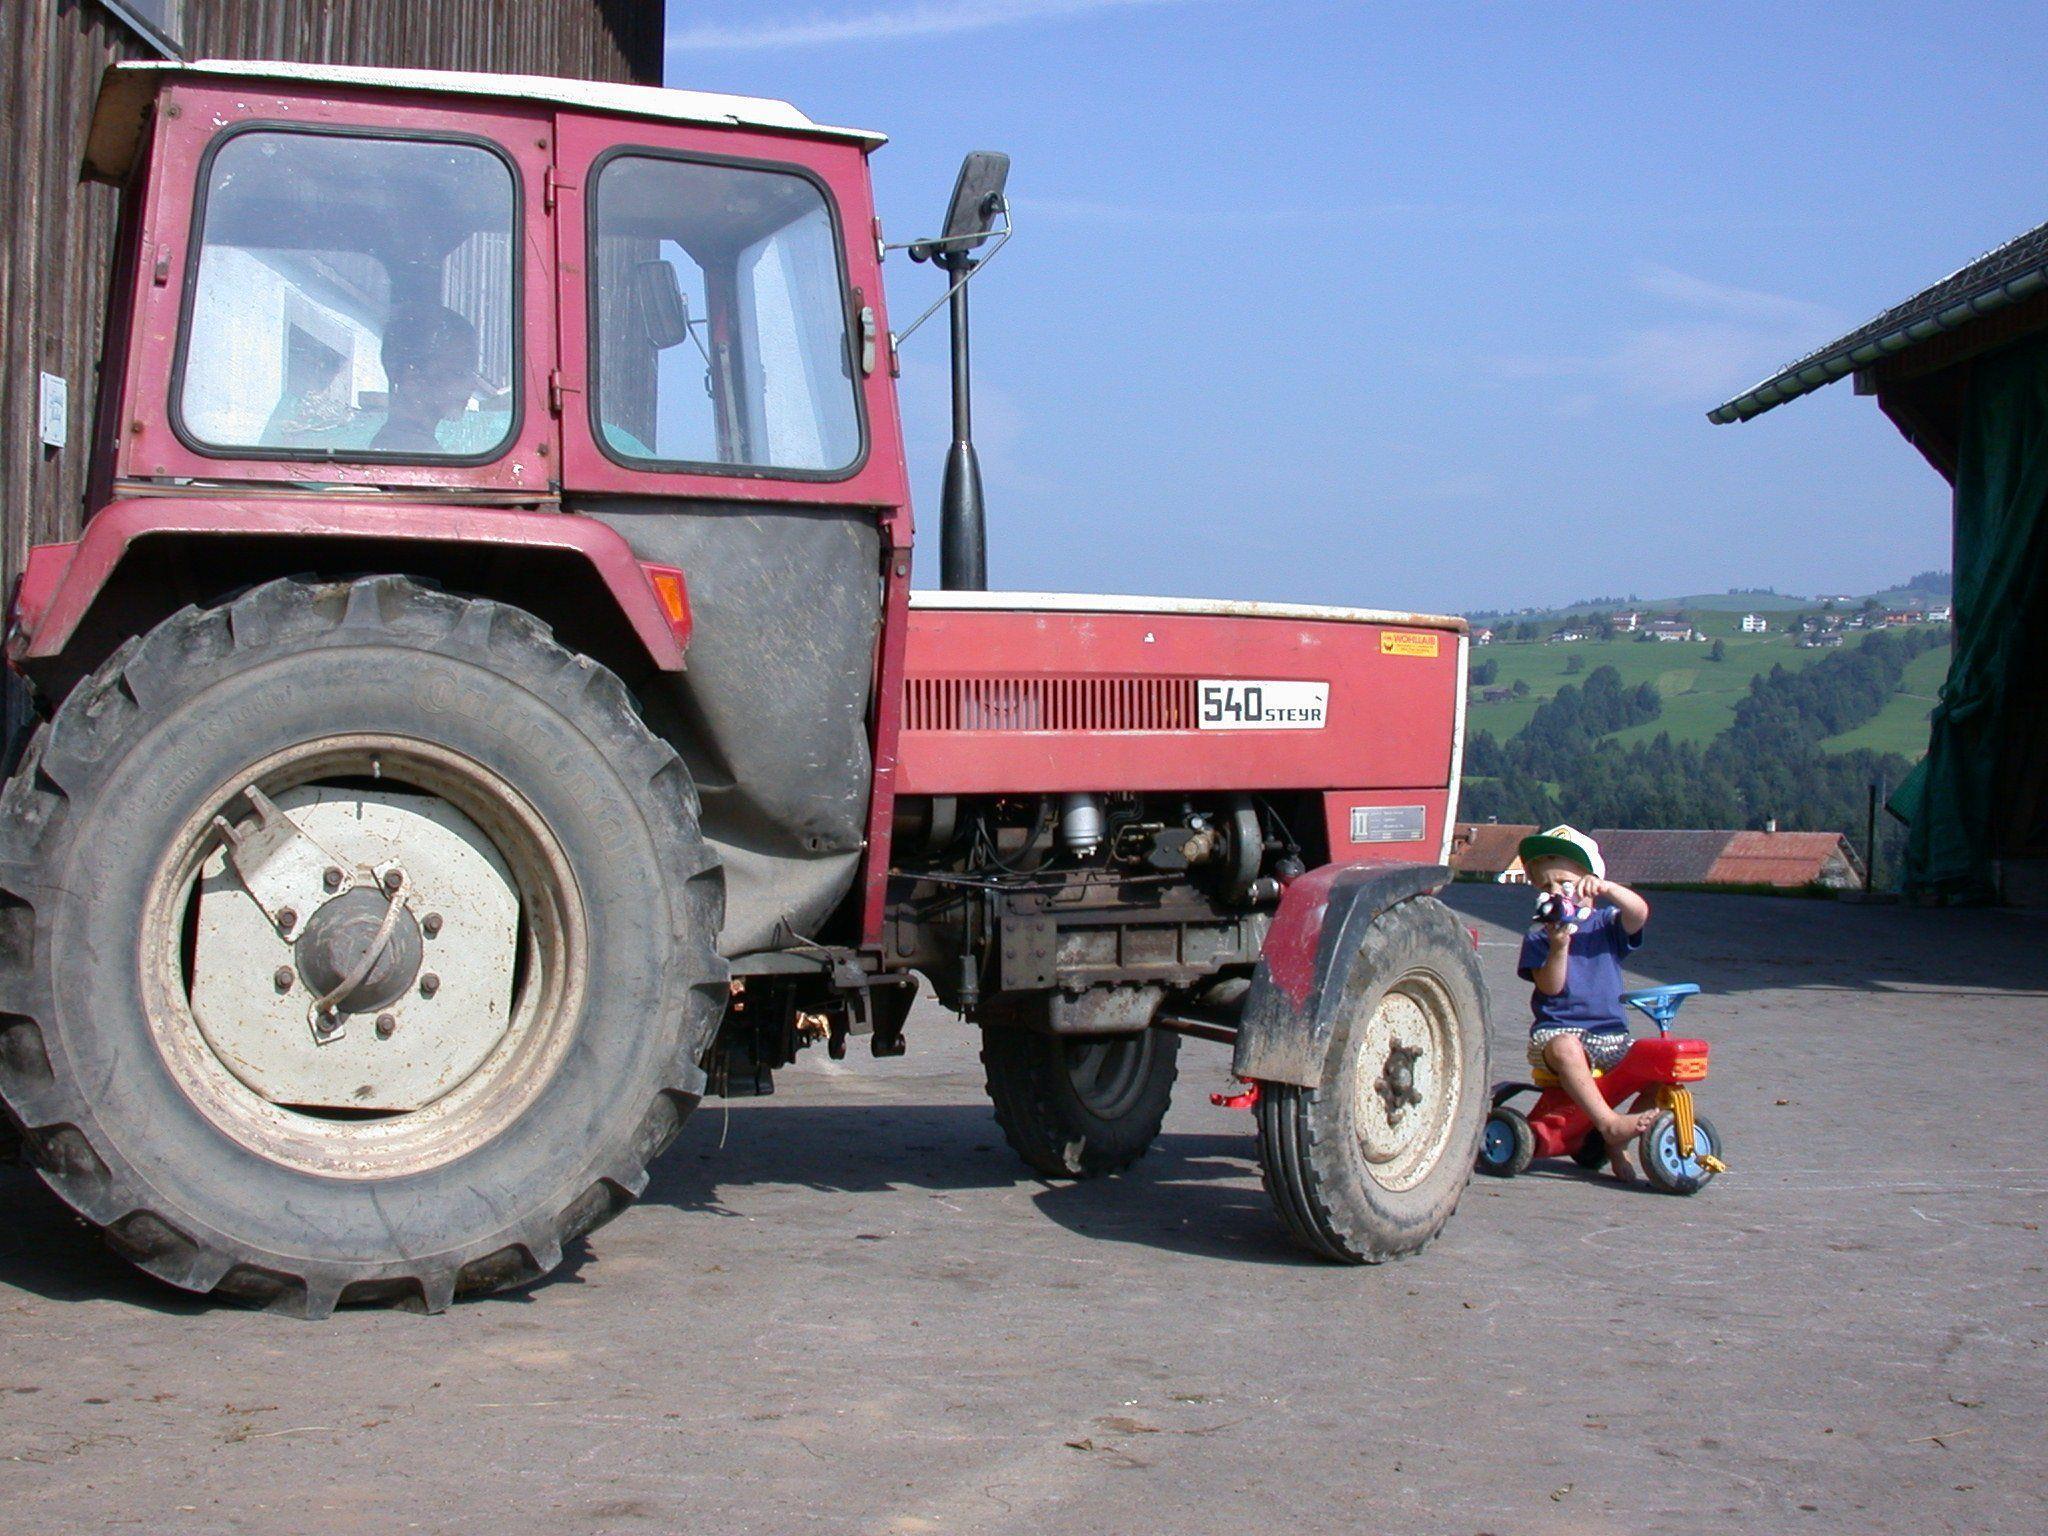 Vorsicht bei den vielen Gefahrenquellen für Kinder an einem Bauernhof.